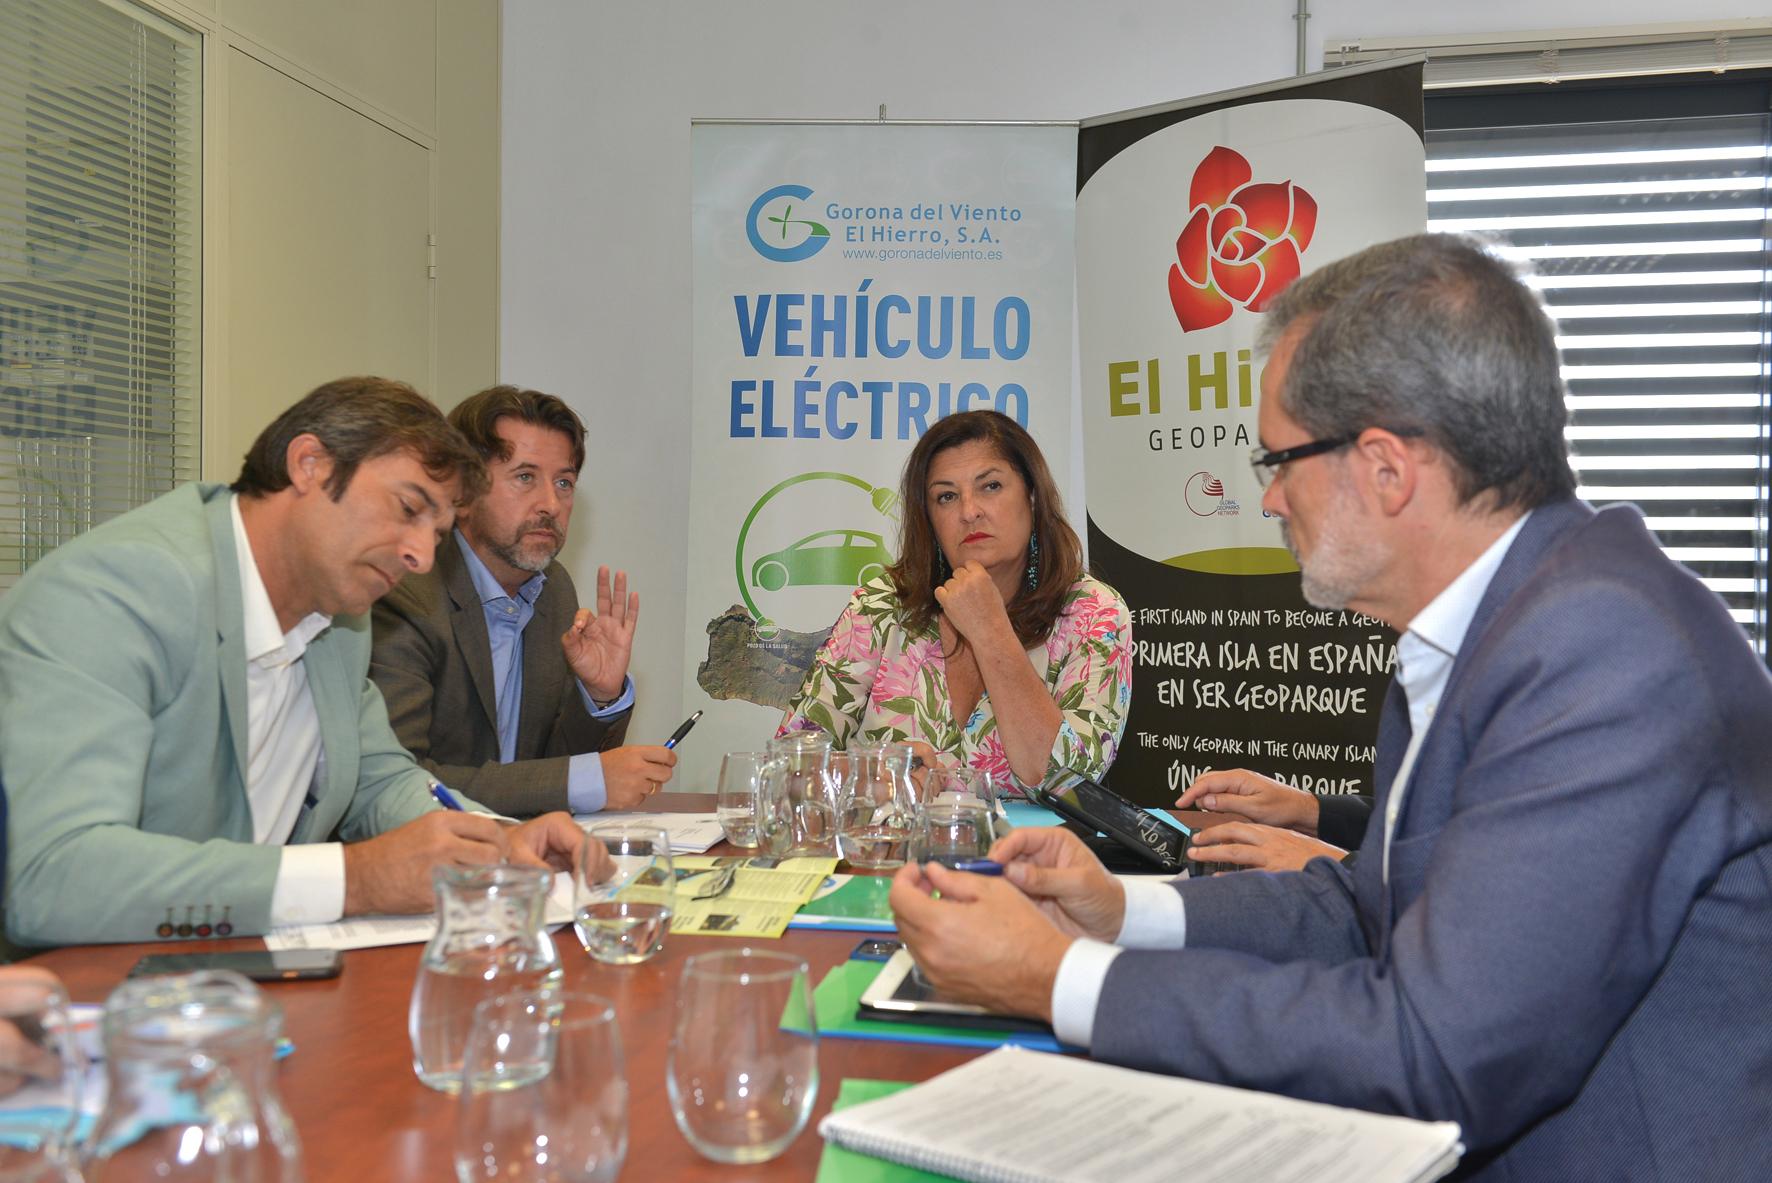 Belén Allende toma el relevo de la FECAI durante el próximo semestre